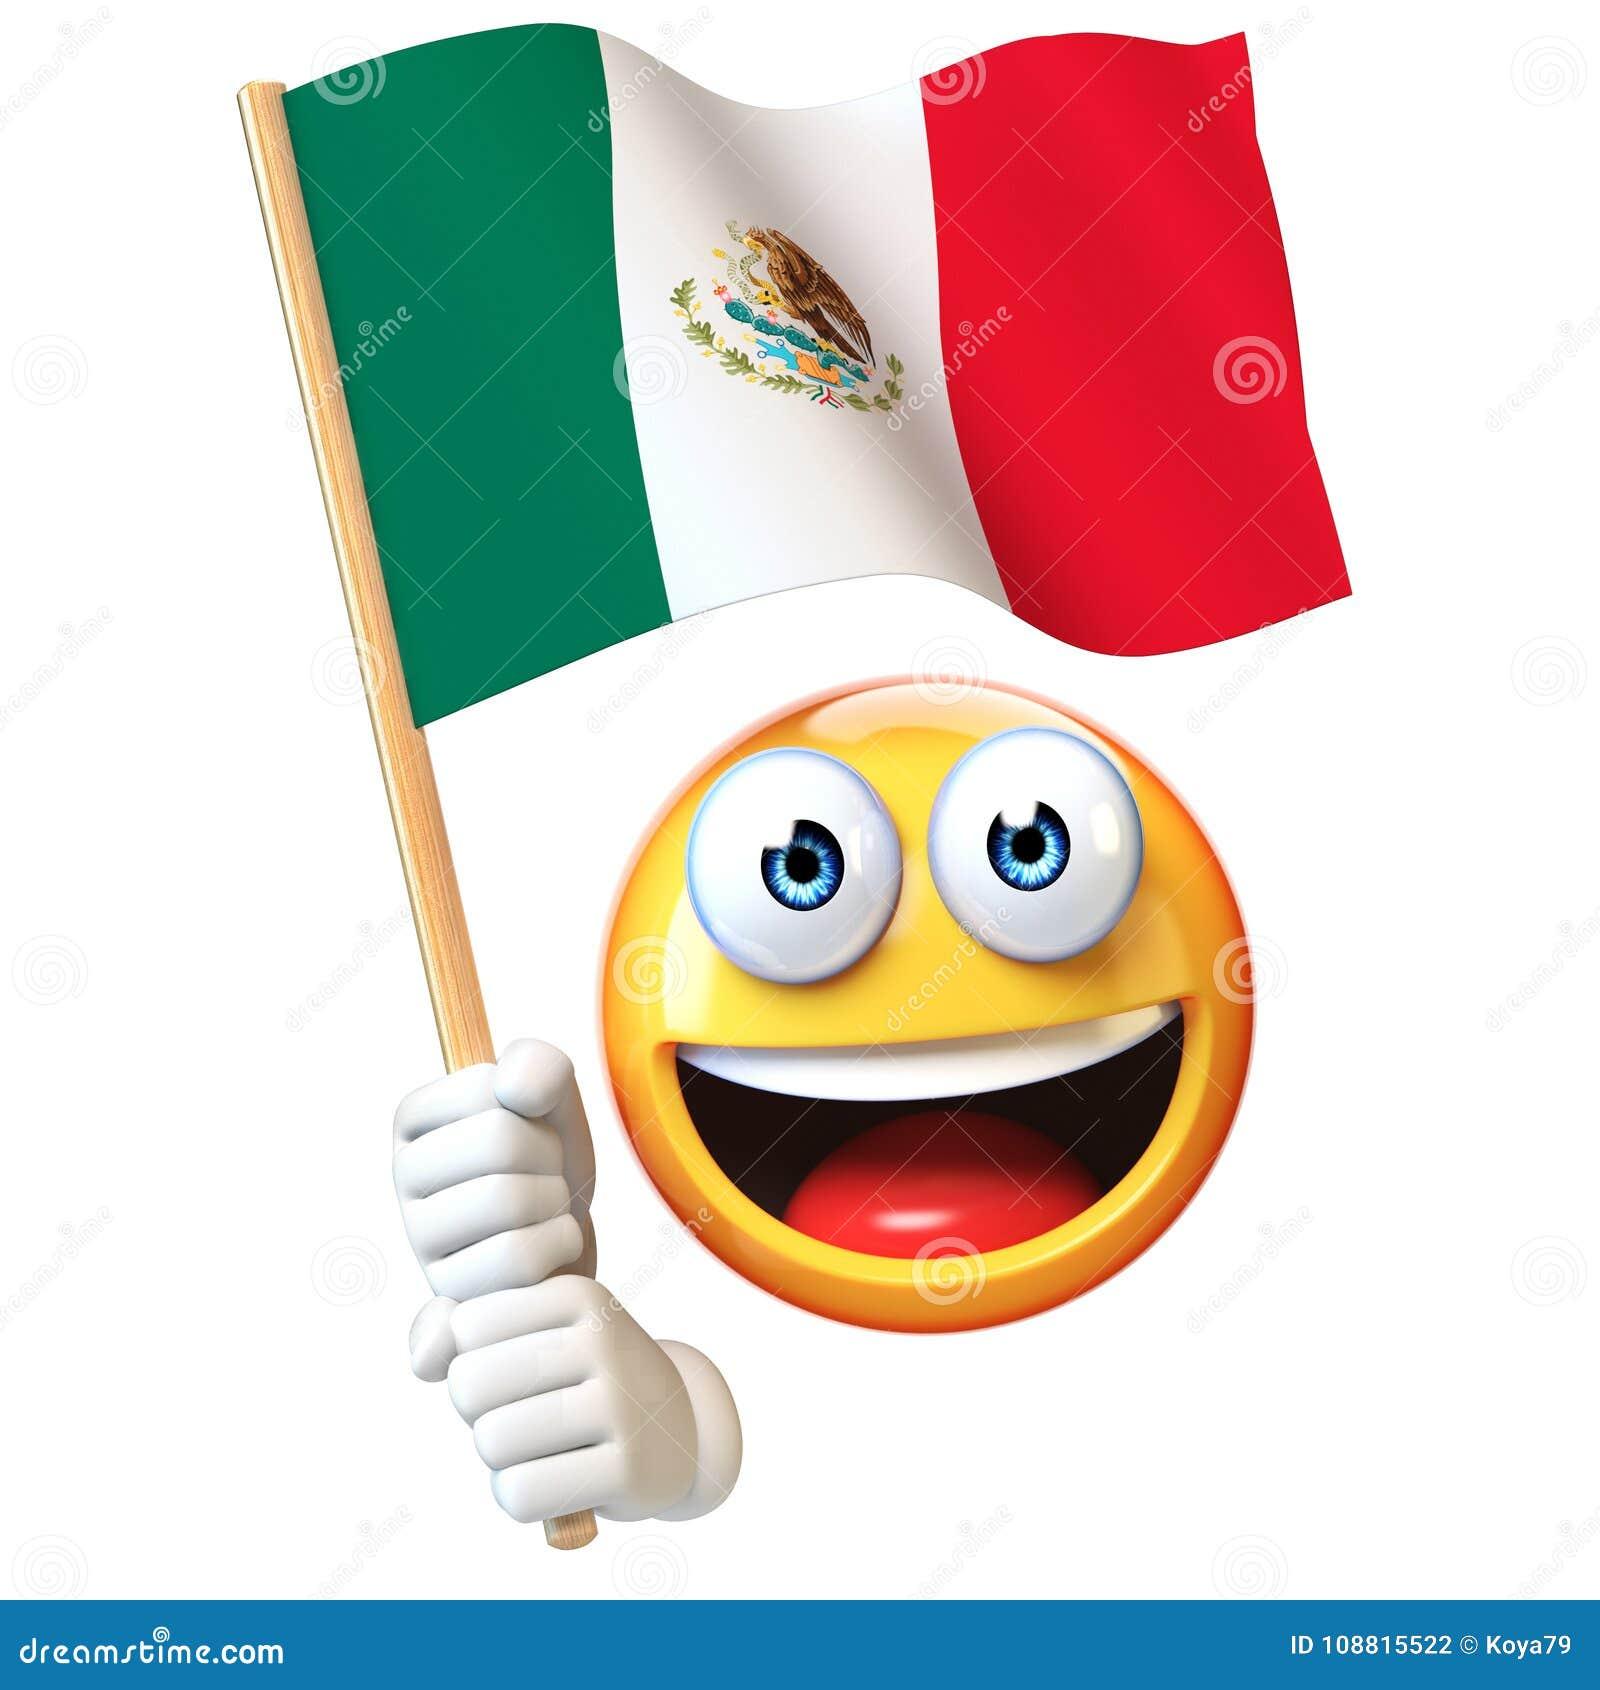 Emoji trzyma Meksykańską flaga, emoticon falowania Meksyk 3d rendering flaga państowowa